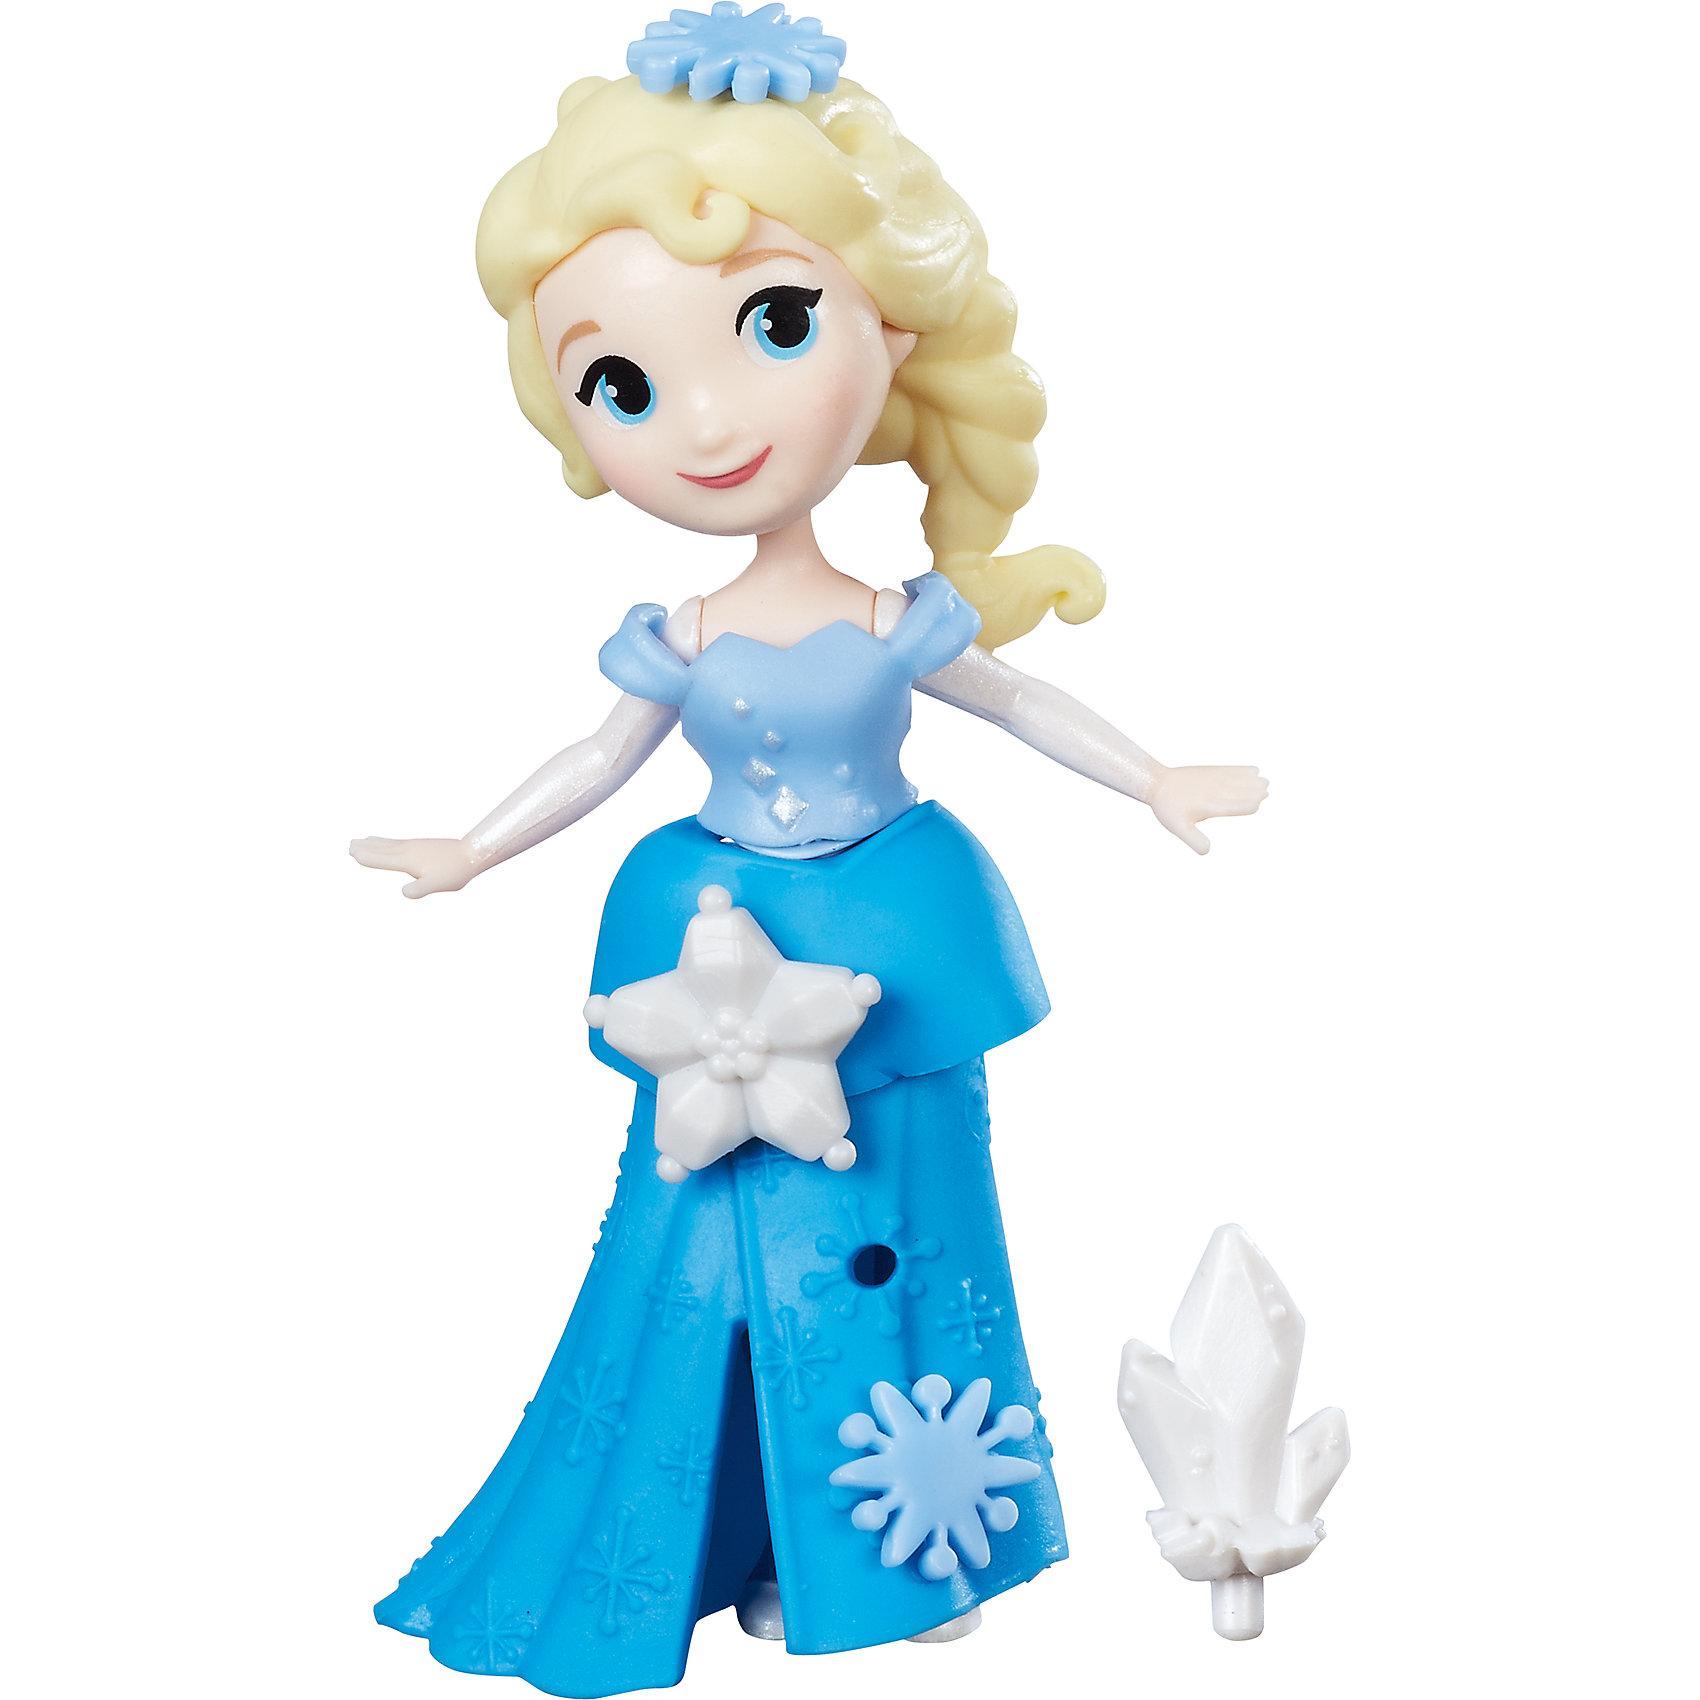 Hasbro Маленькая кукла Холодное сердце, C1096/C1099 настольные игры hasbro операция холодное сердце